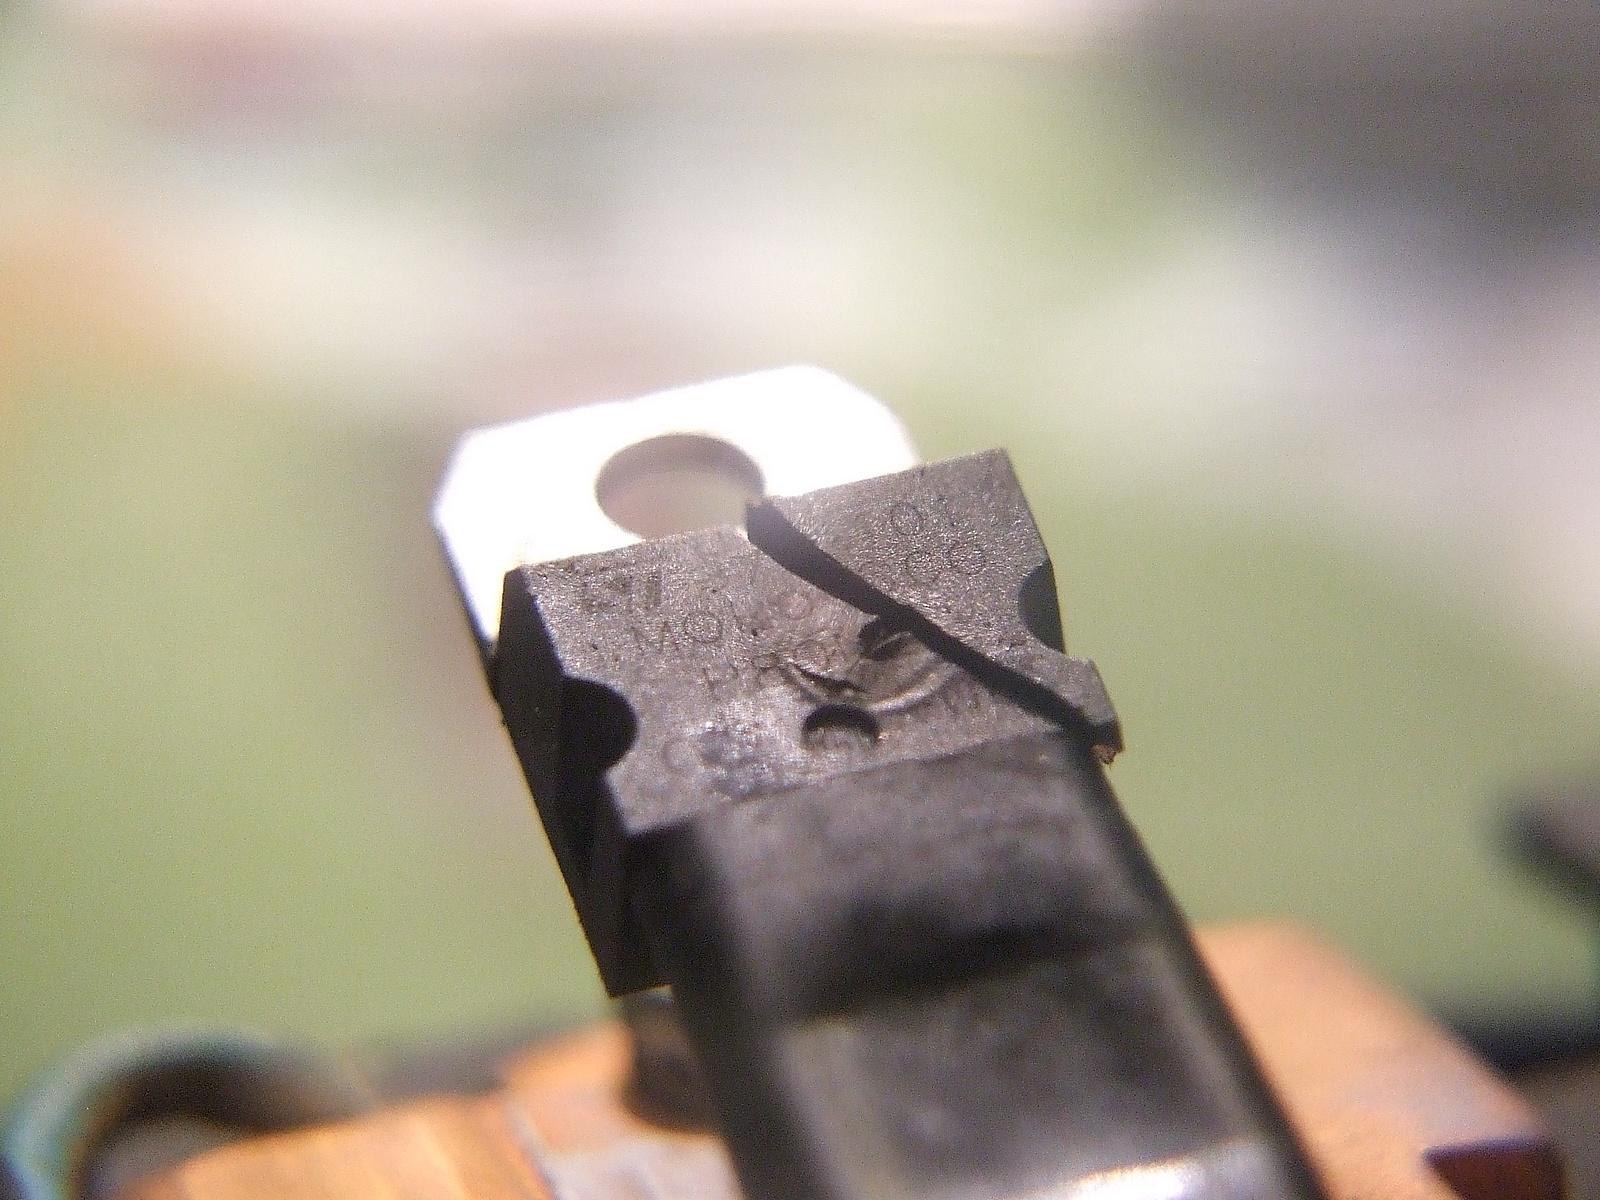 Wkr�tarka Metabo BST 12 - uszkodzony tranzystor potencjometu